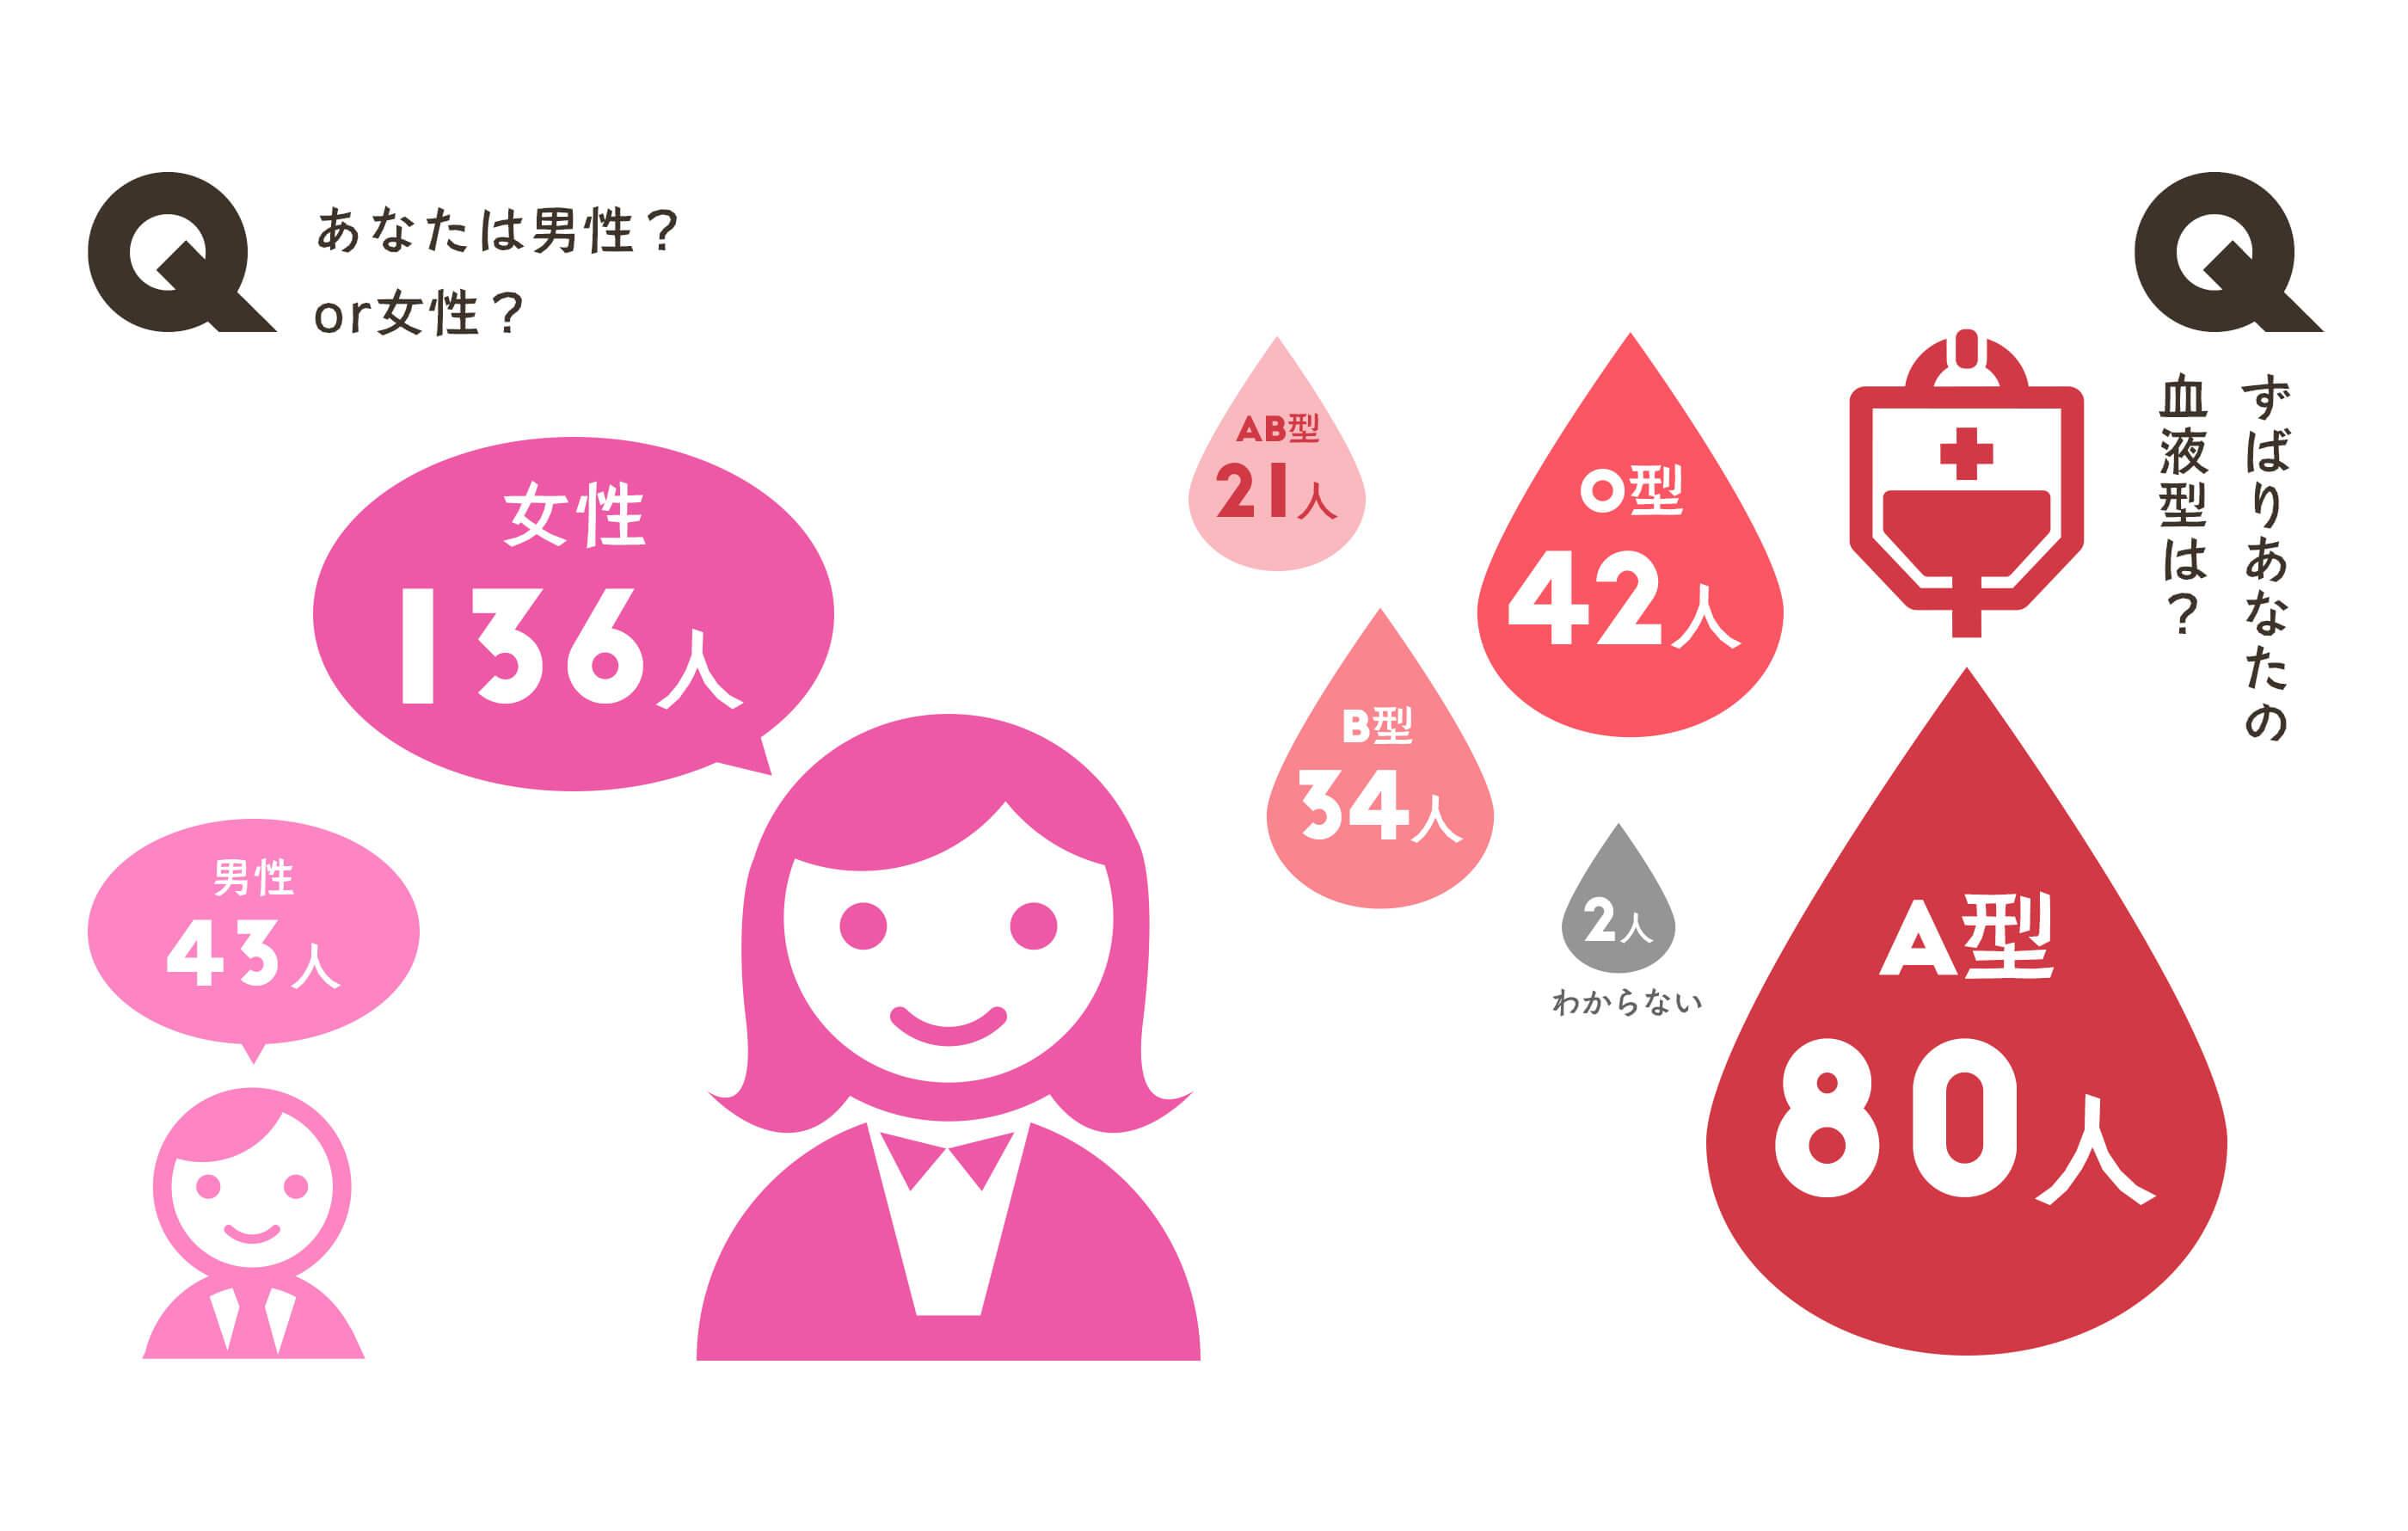 あなたは男性?or女性?ずばりあなたの血液型は?